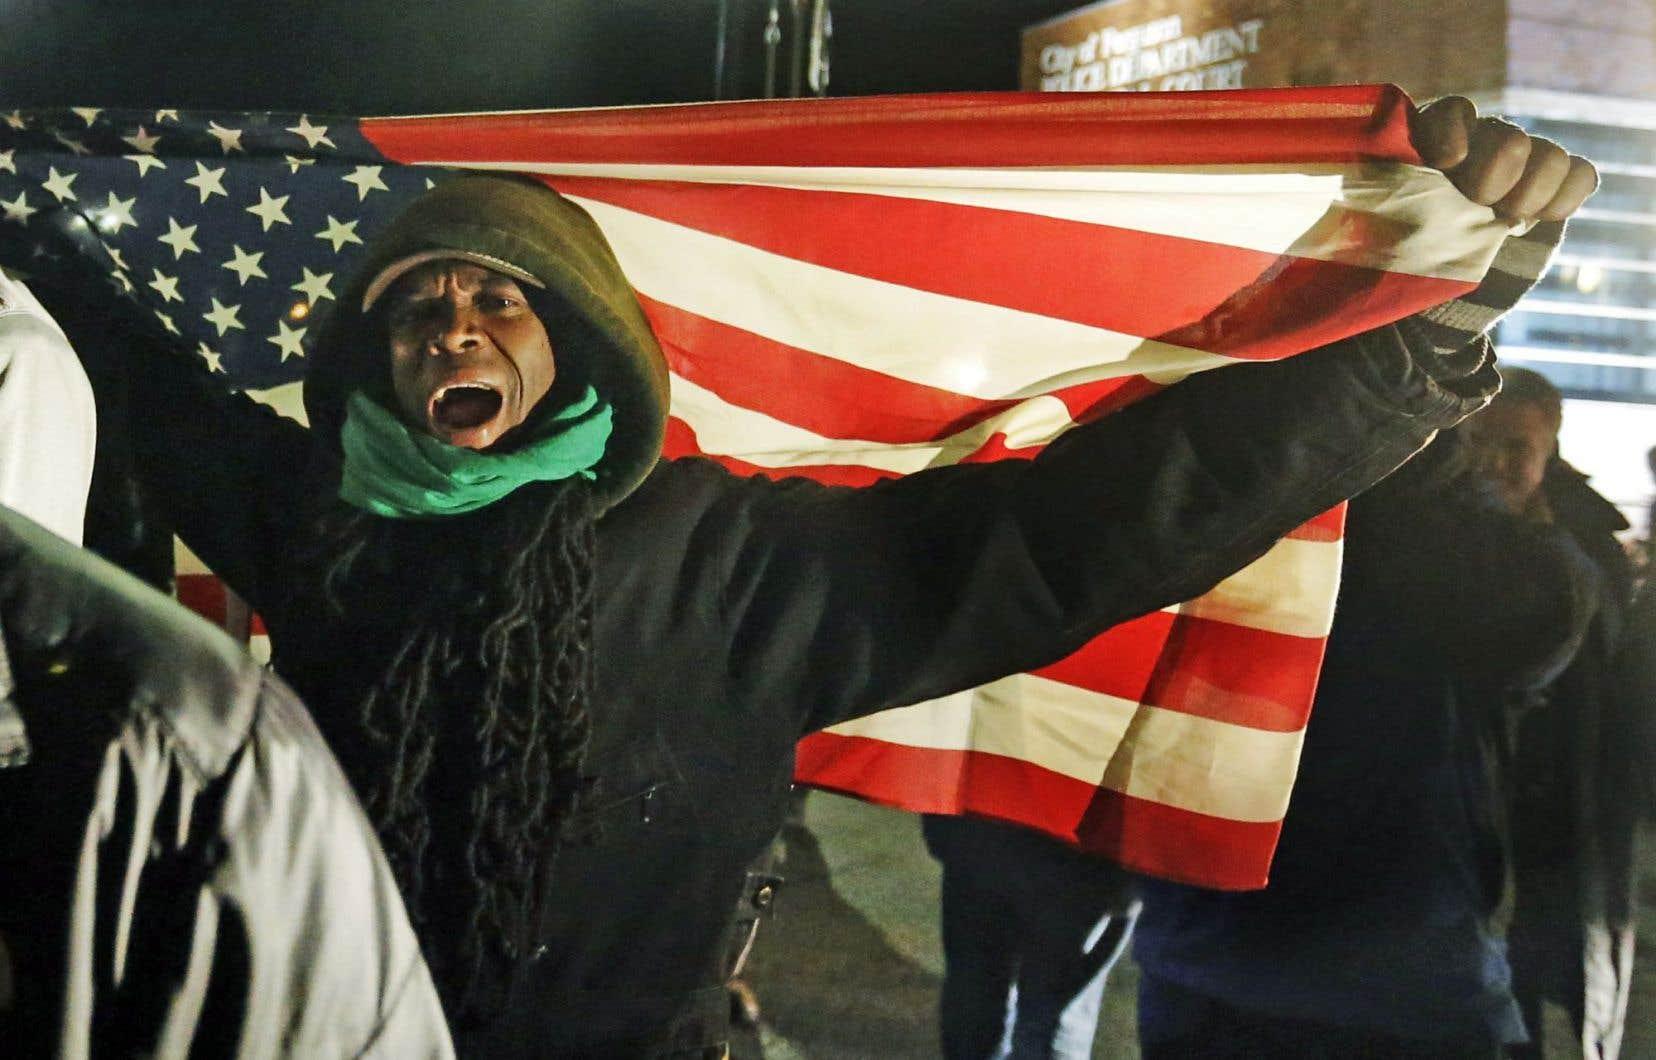 Plus de 2200 militaires de la Garde nationale se sont joints aux policiers pour contrôler la foule des protestataires mardi soir à Ferguson, au Missouri, à la suite d'une nuit d'émeutes. Ci-dessus, des manifestants postés non loin du quartier général de la police.